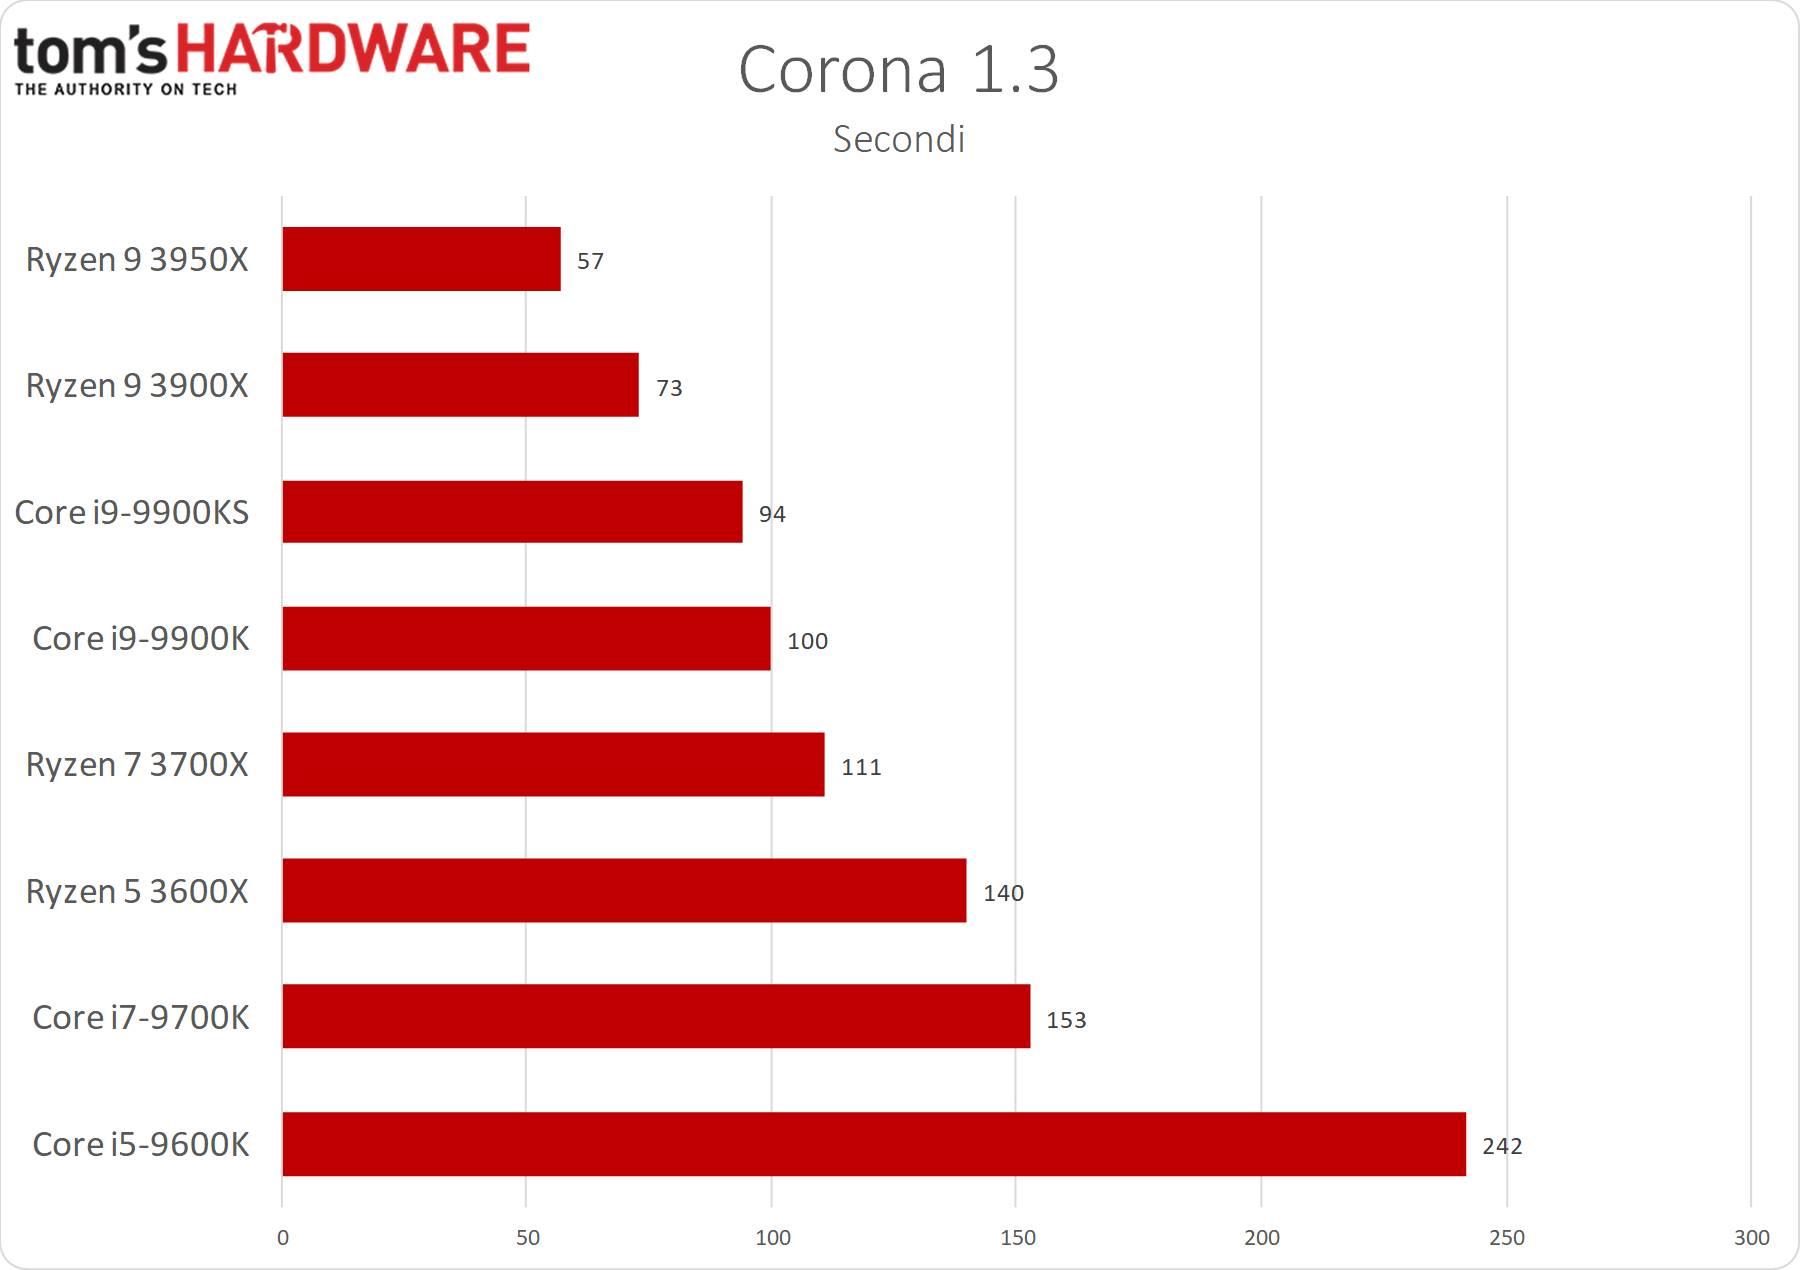 Corona 1.3